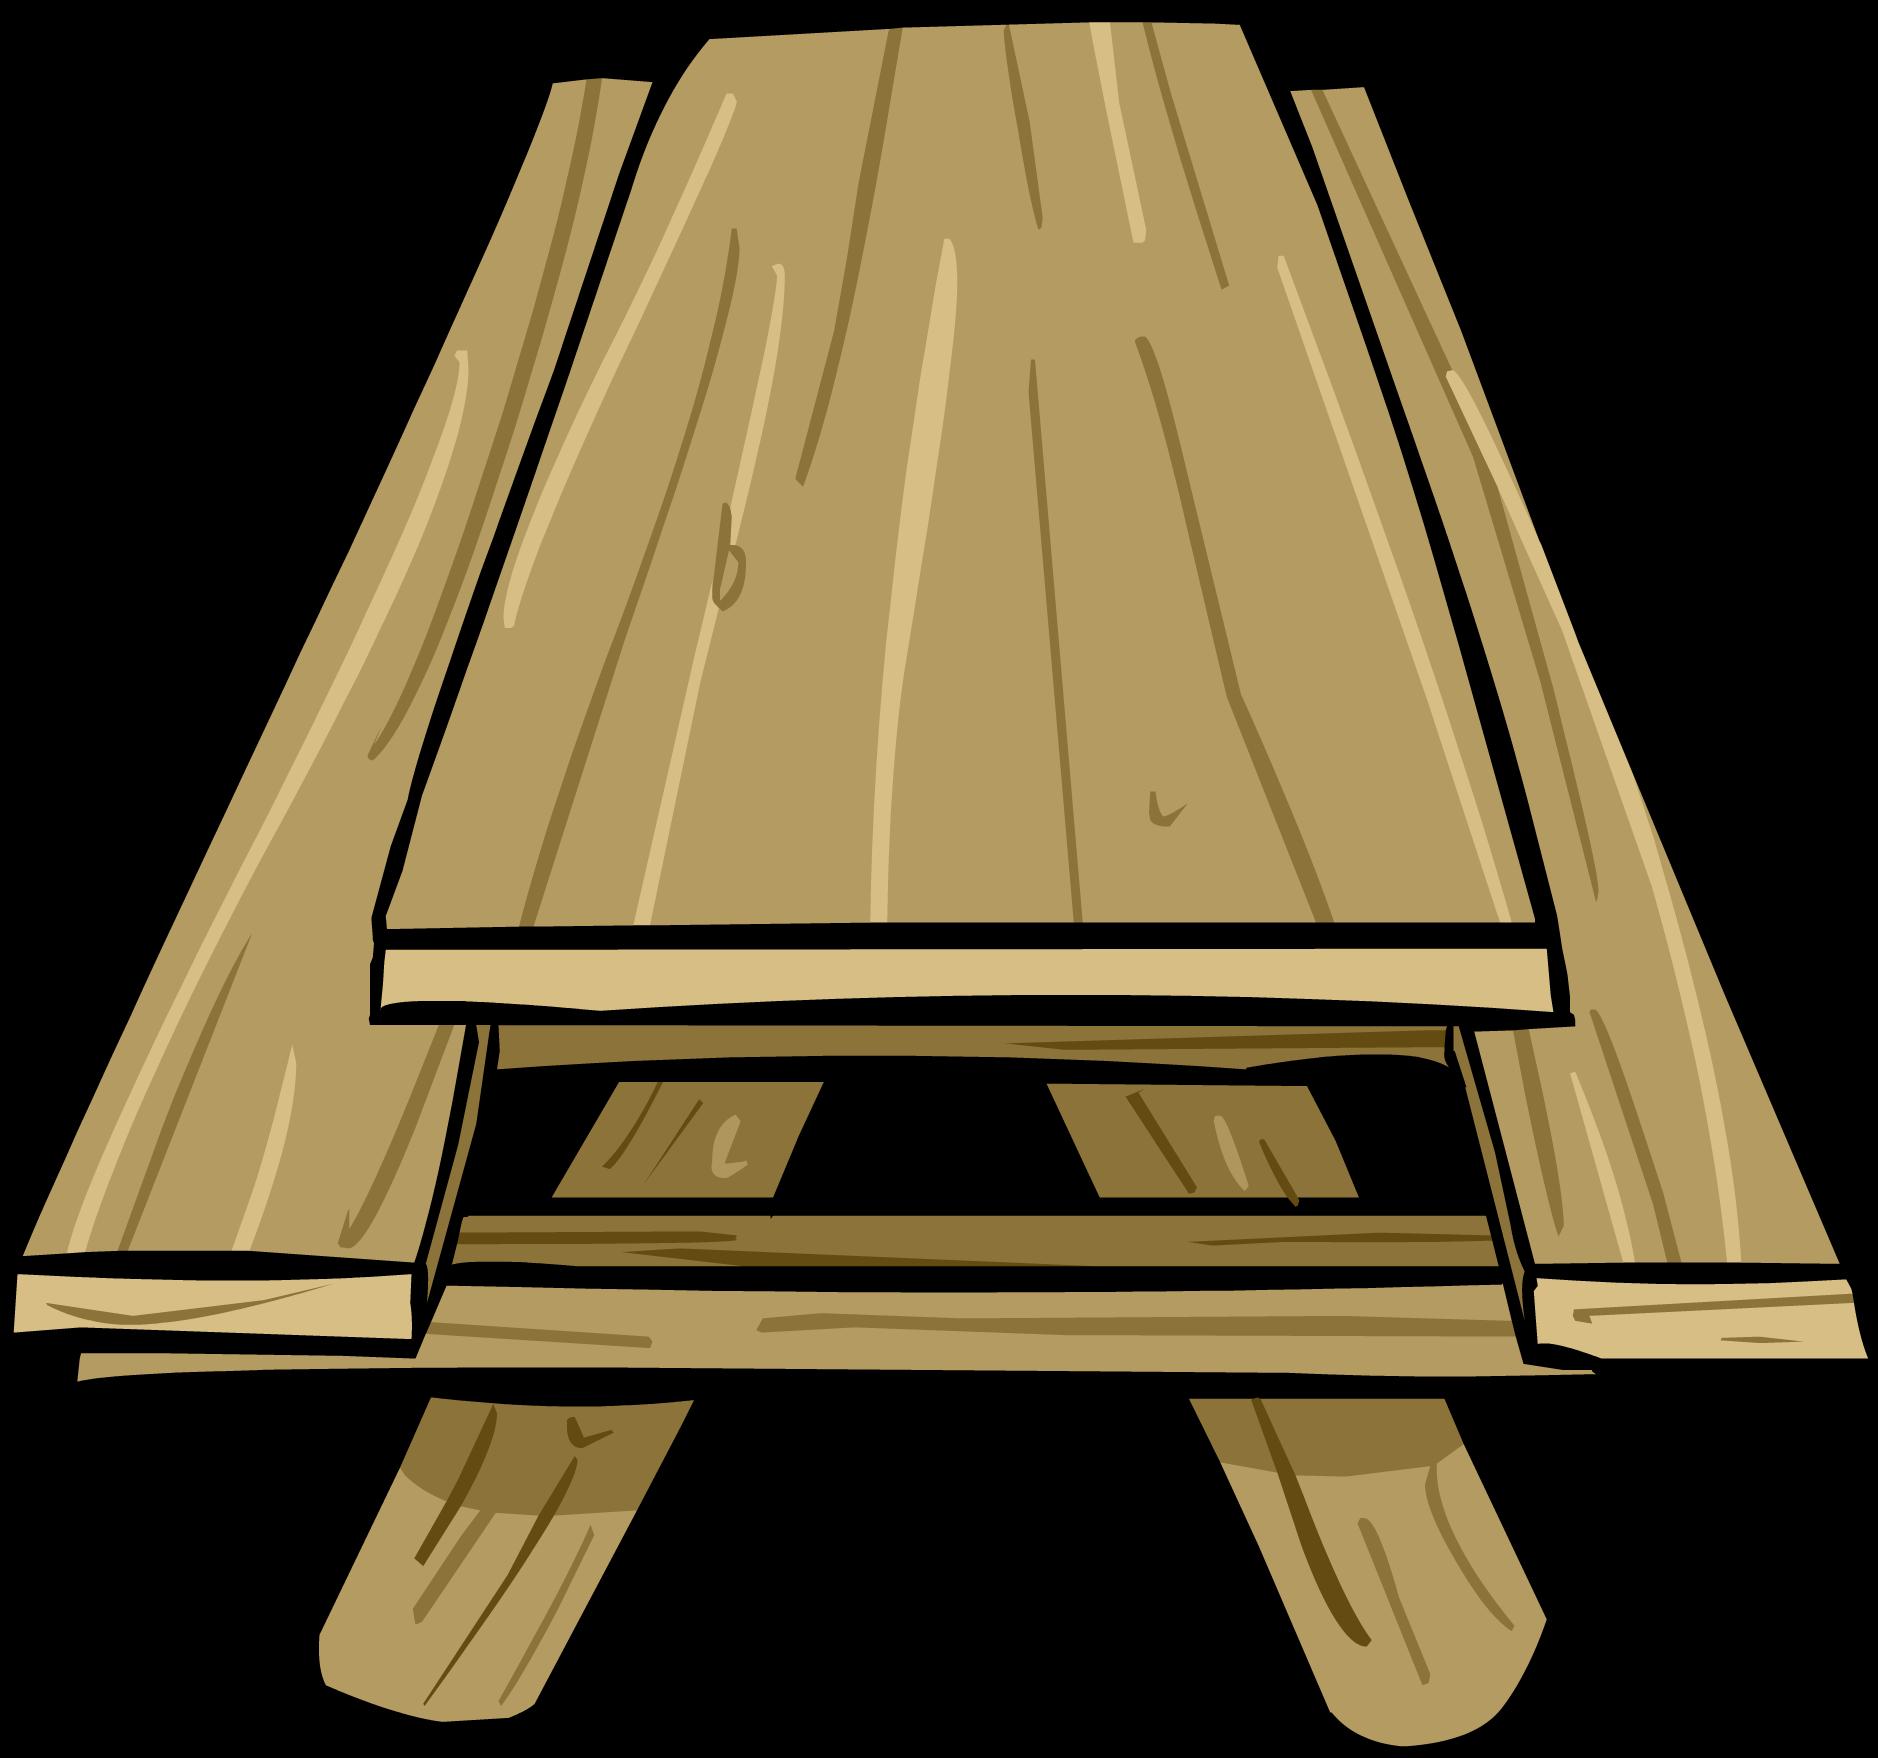 Picnic table desktop backgrounds. Furniture clipart fan